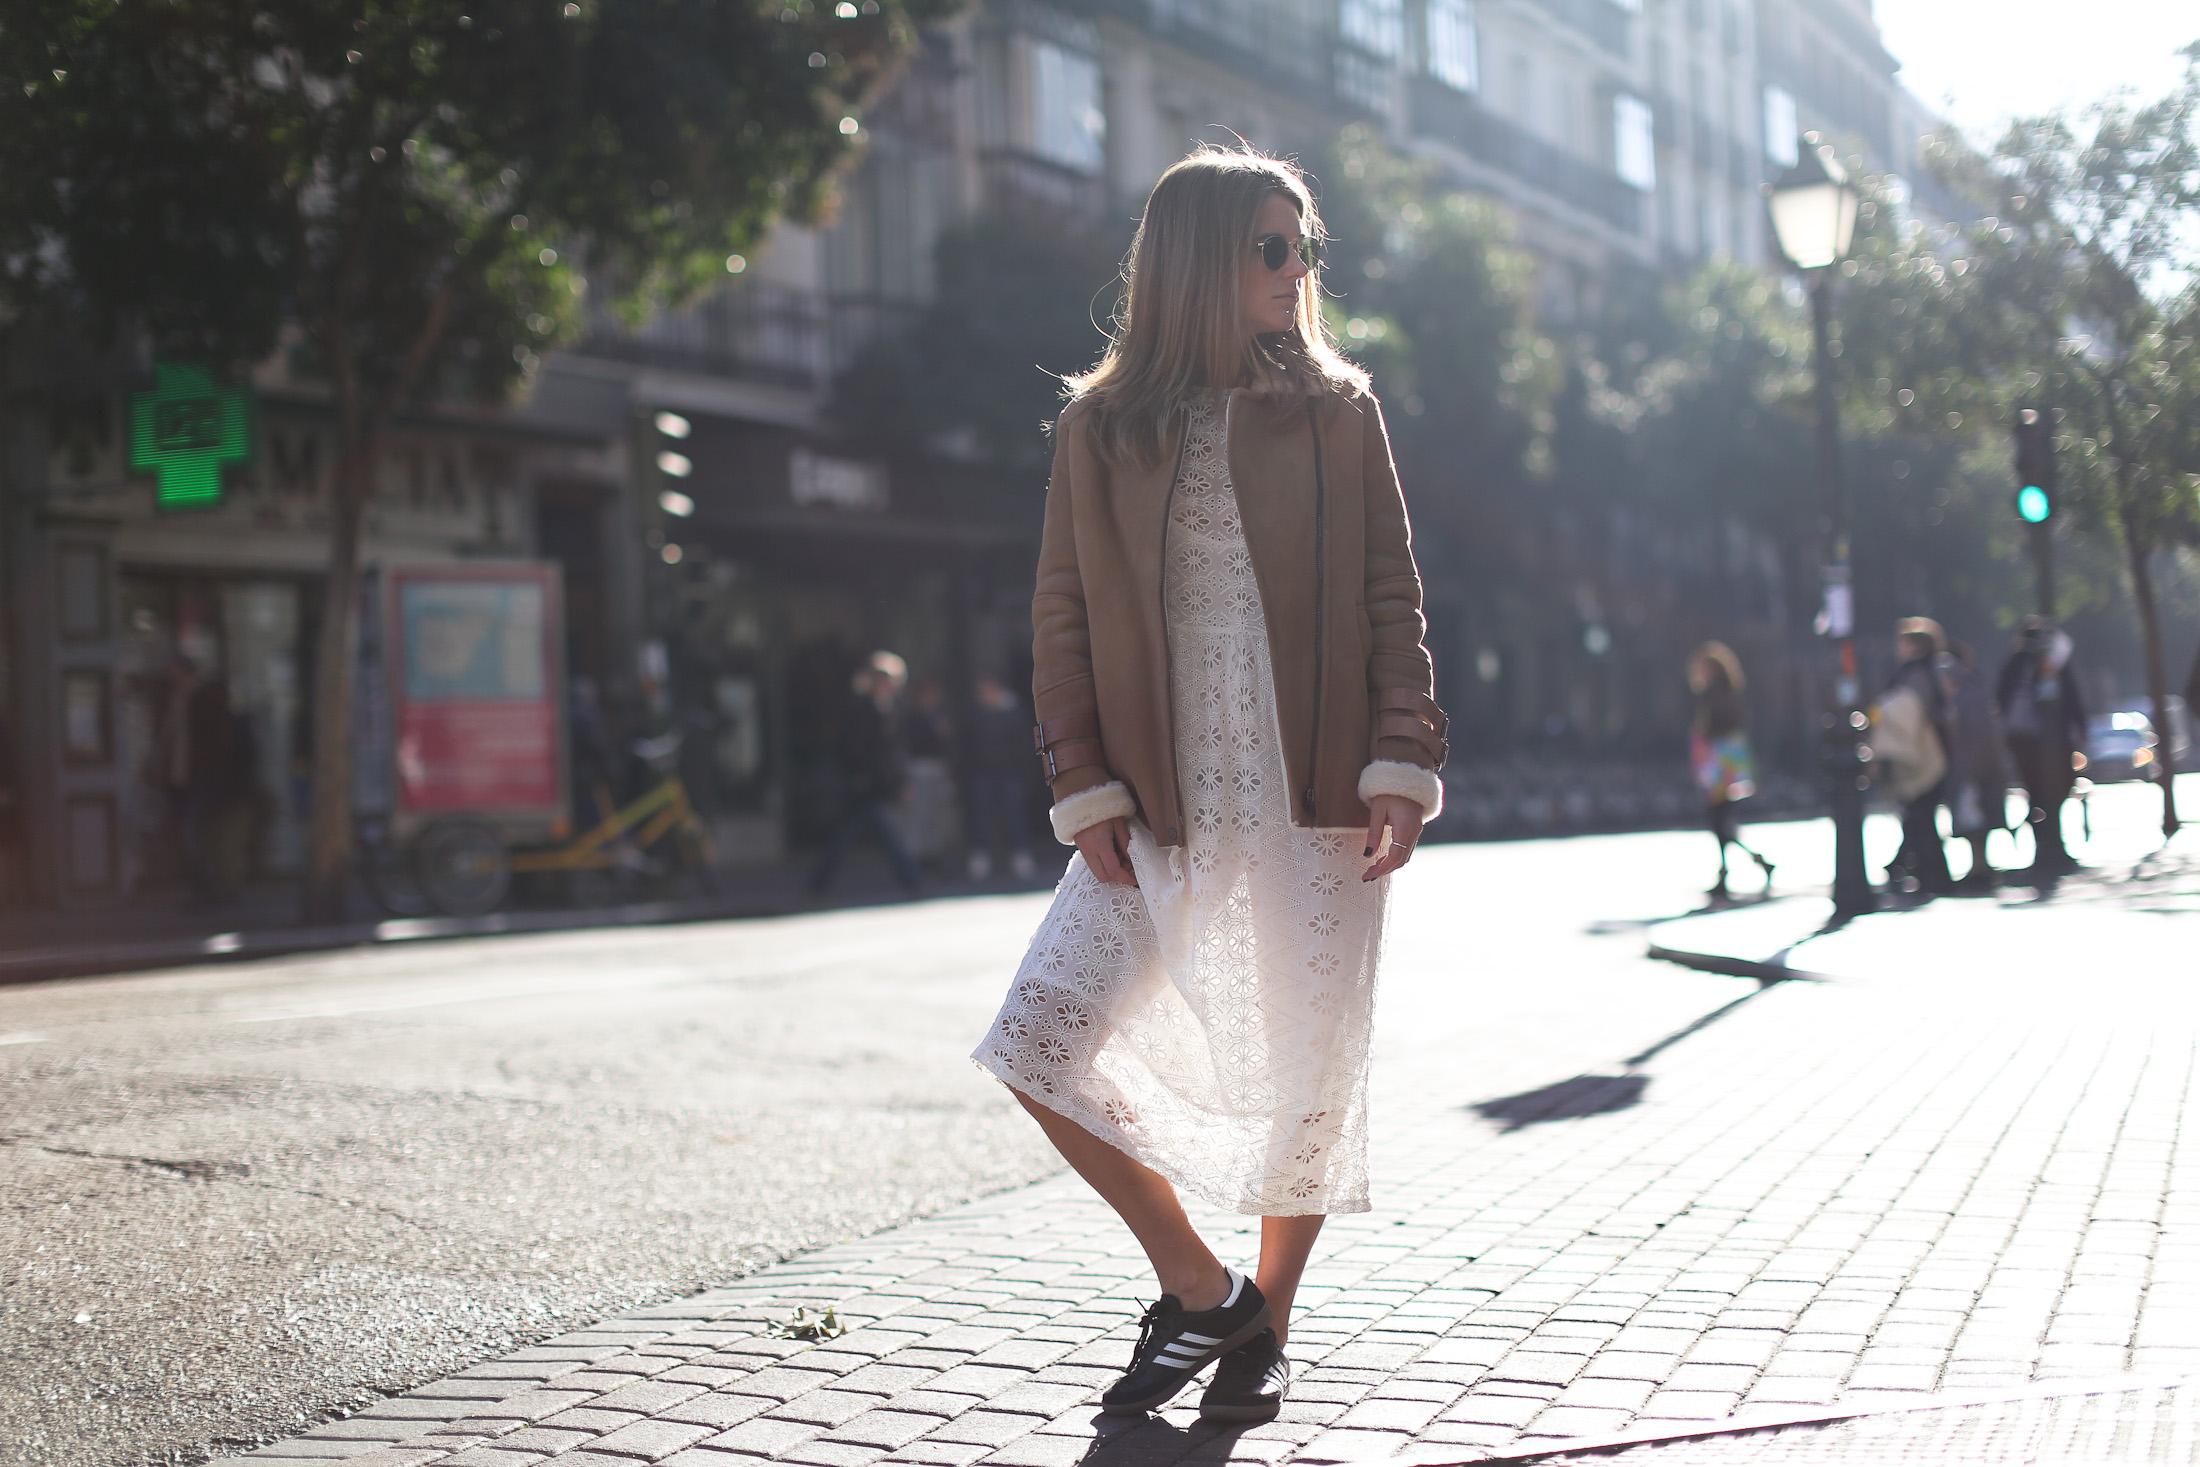 Clochet_streetstyle_mango_shearling_aviator_coat_adidas_samba_leztinstreet-4